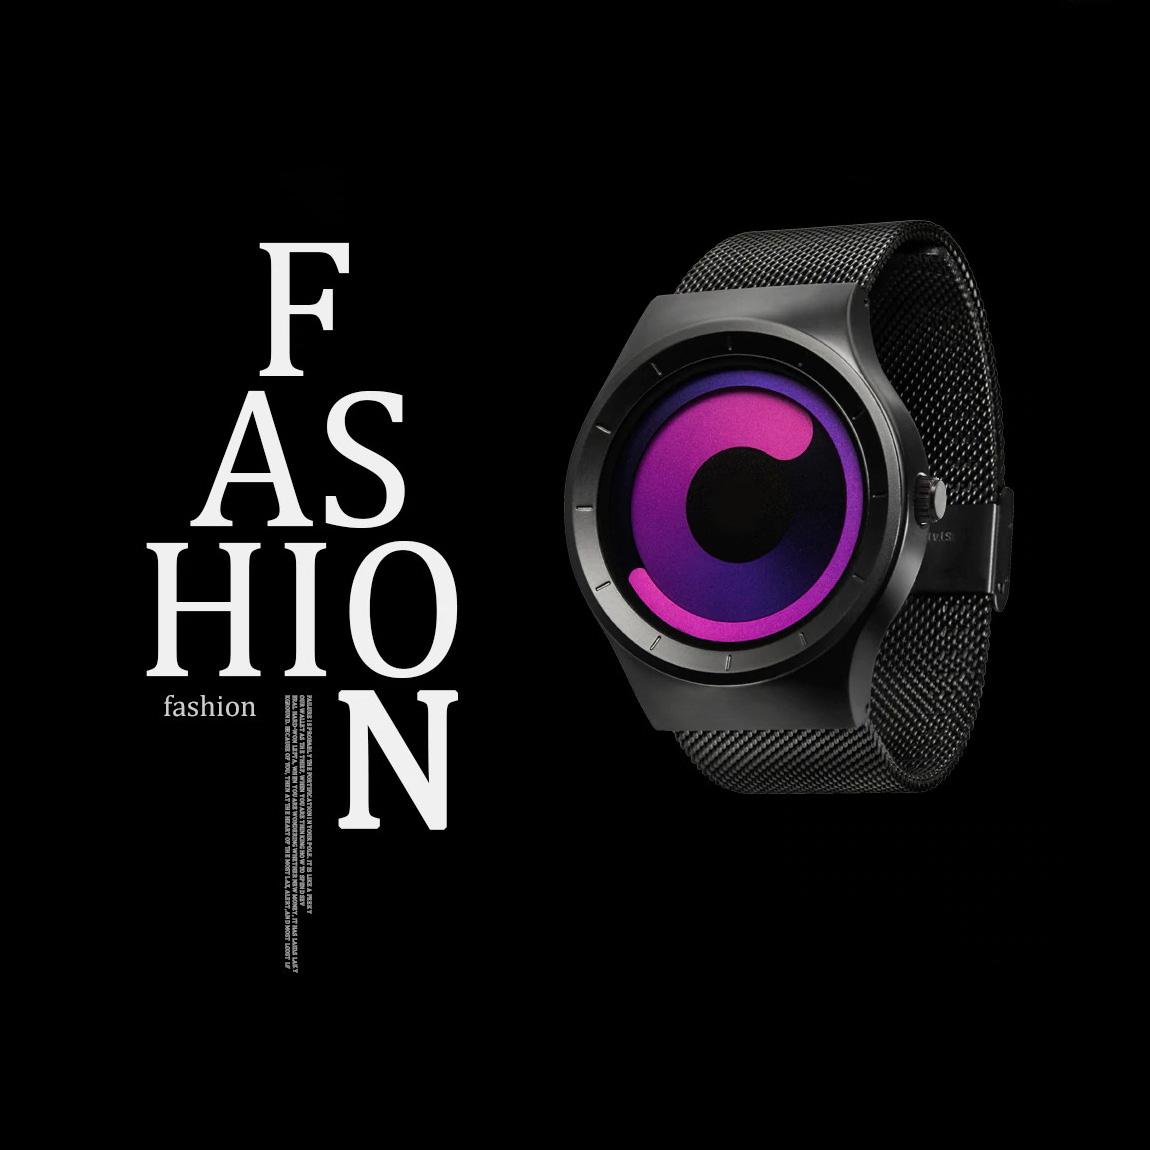 modernus moteriskas laikrodis  dovanos moterims merginai panelei siuolaikiskas modernus isskirtinis unikalus orginalus moteriskas laikrodis sportiskas 14